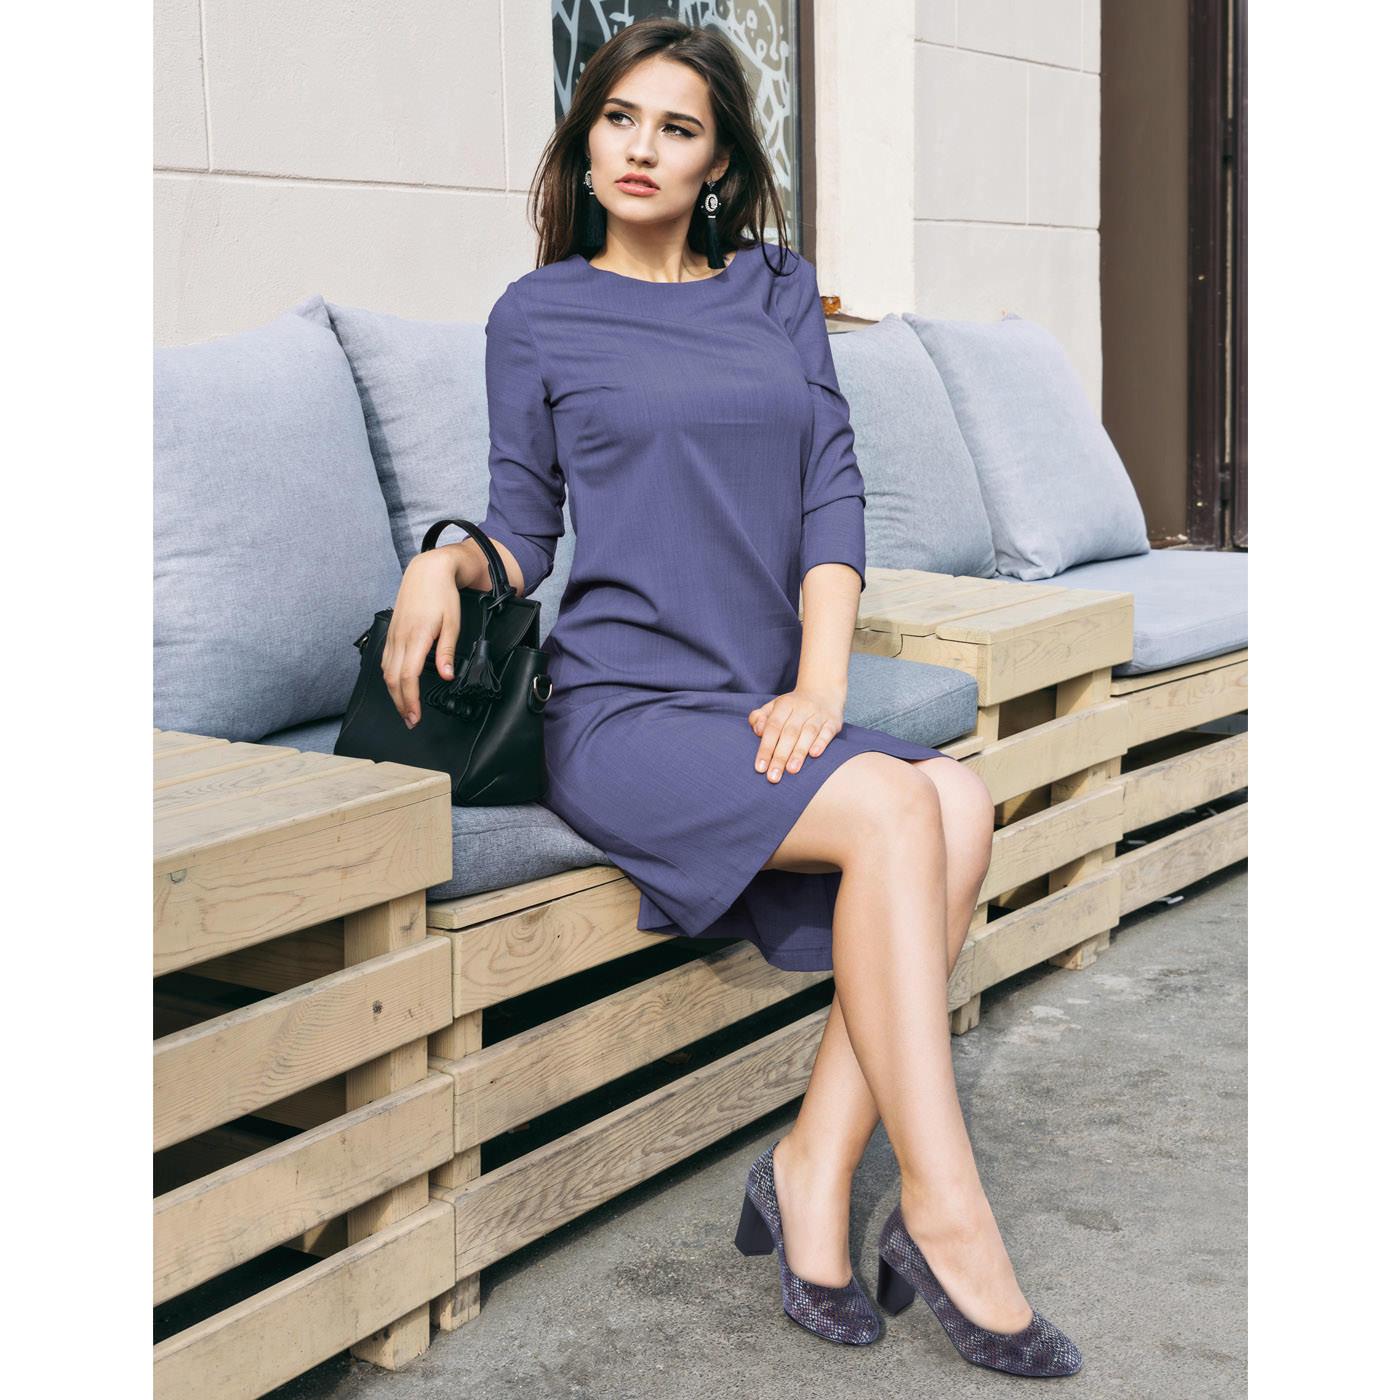 Die Perfekten Schuhe Zum Kleid Finden Tessamino De